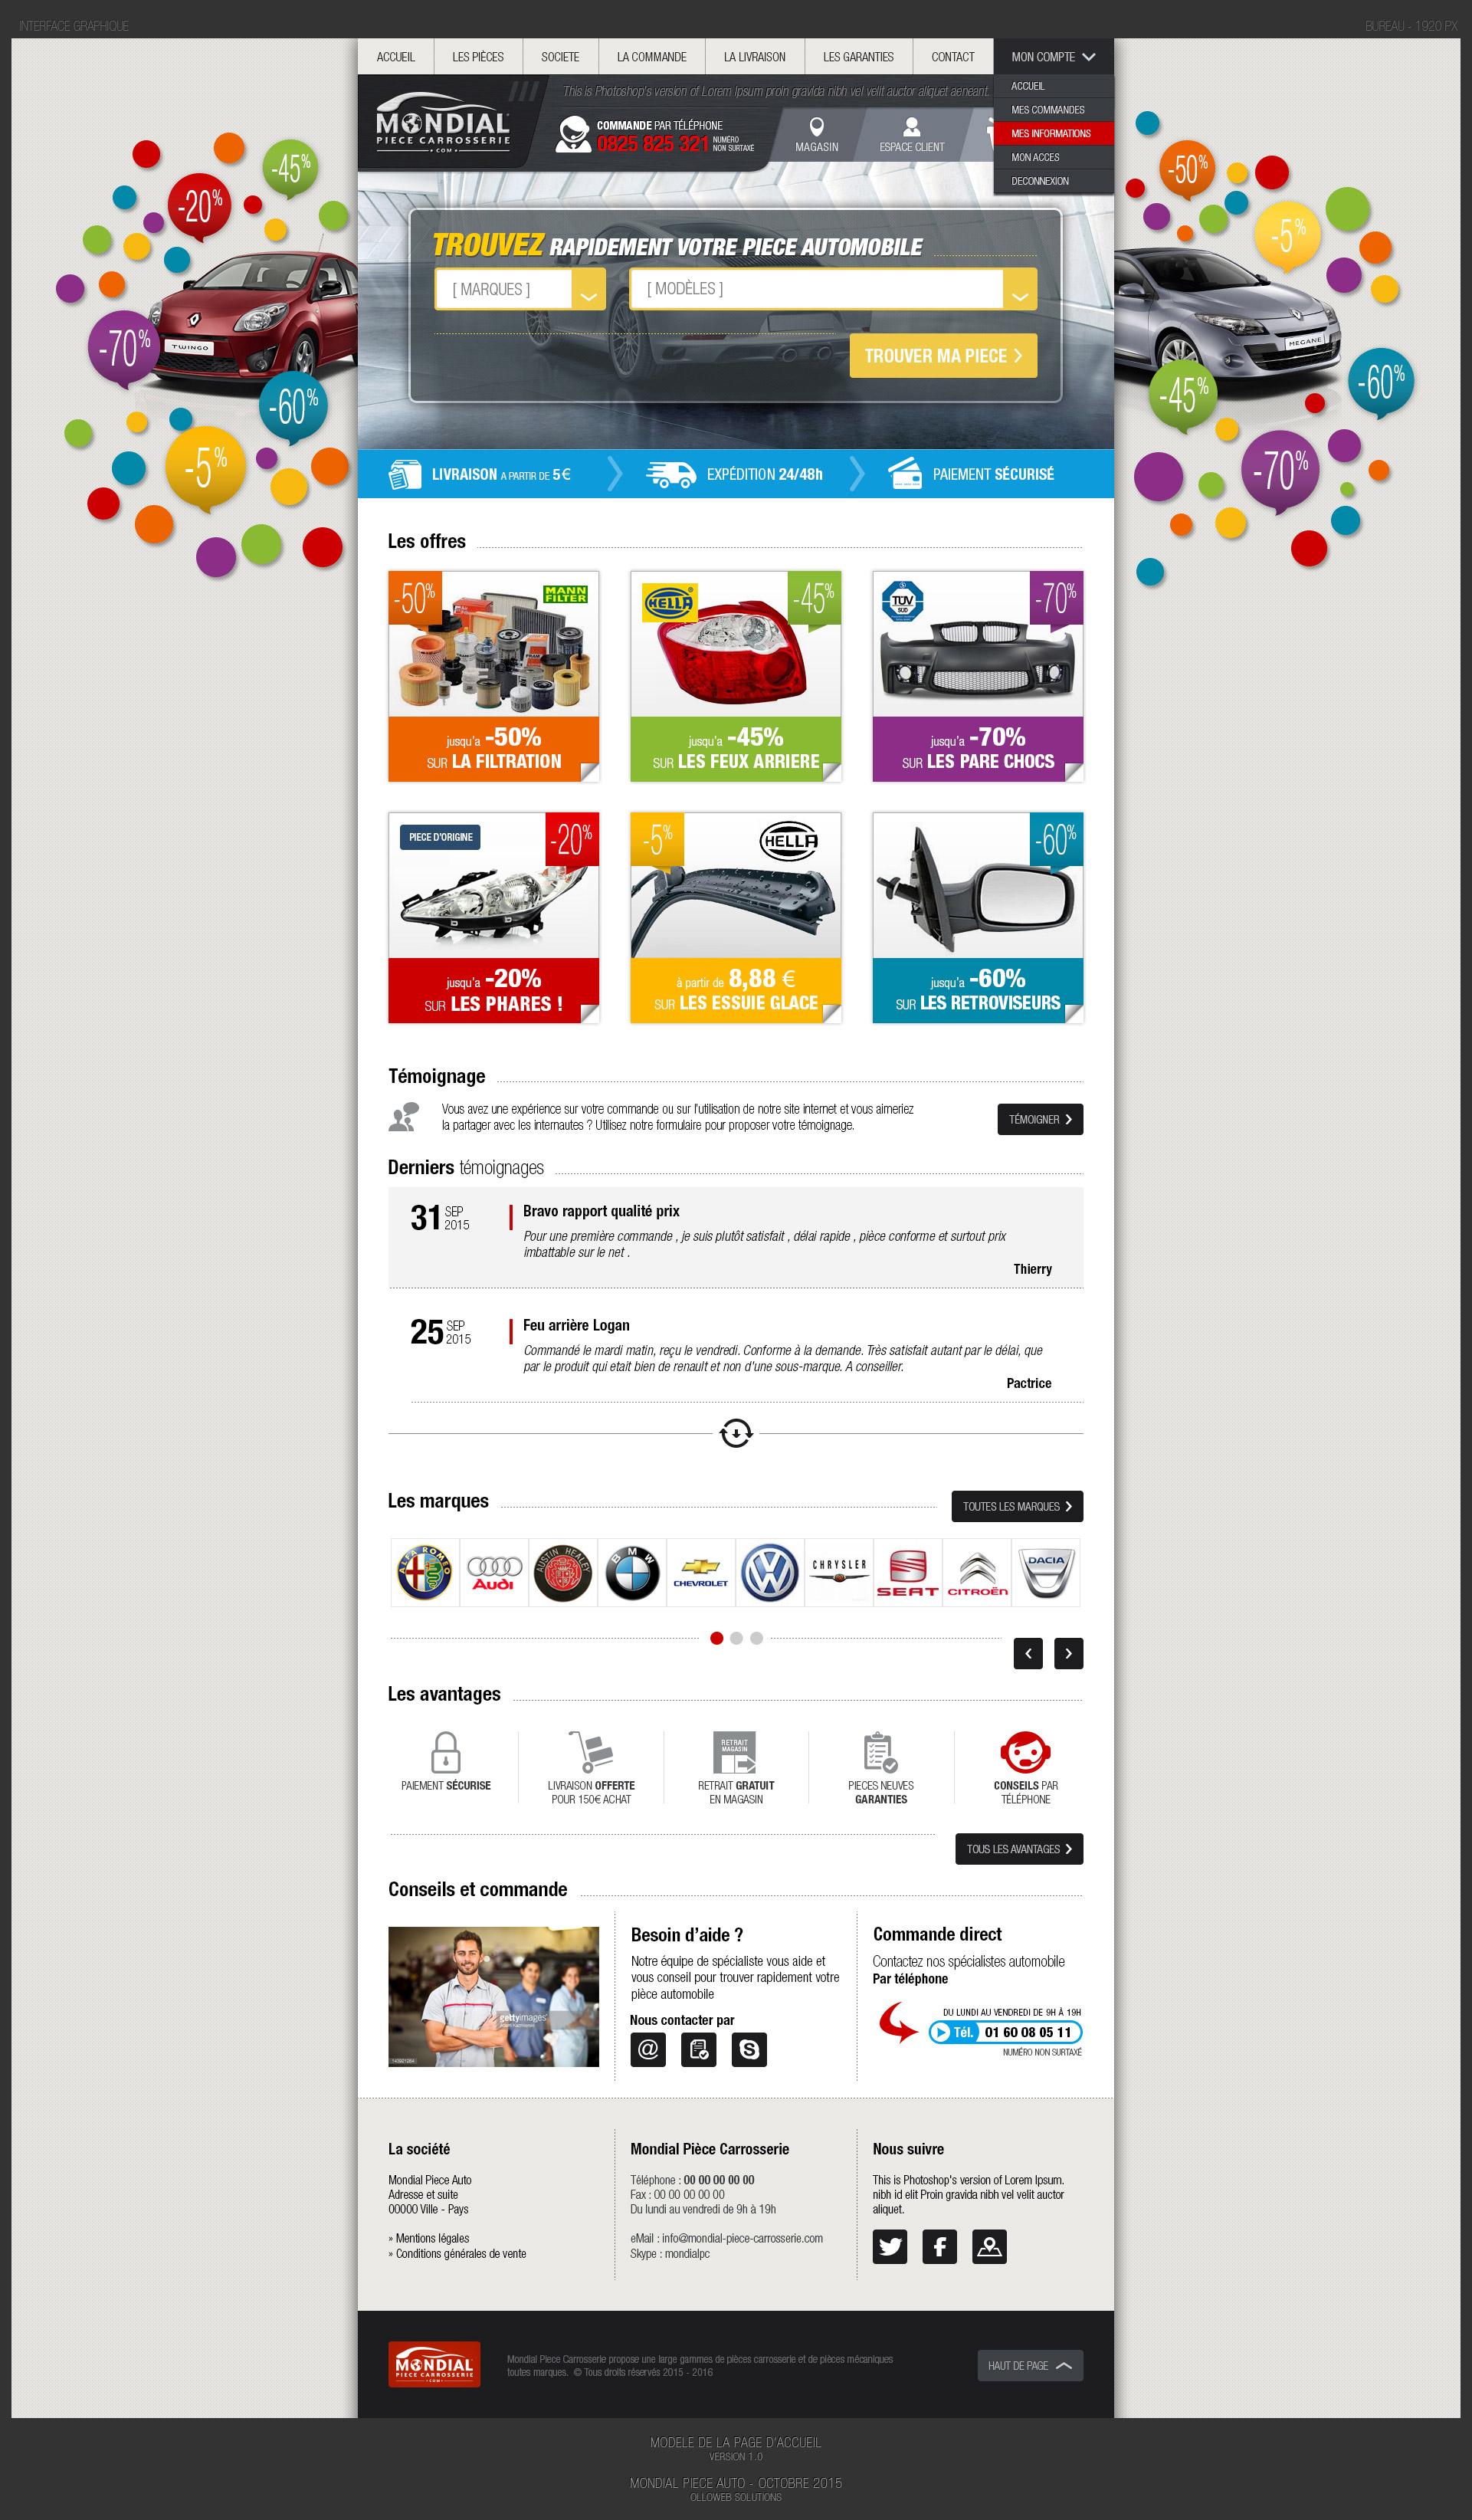 Page d'accueil du site Mondia Piece Carrosserie